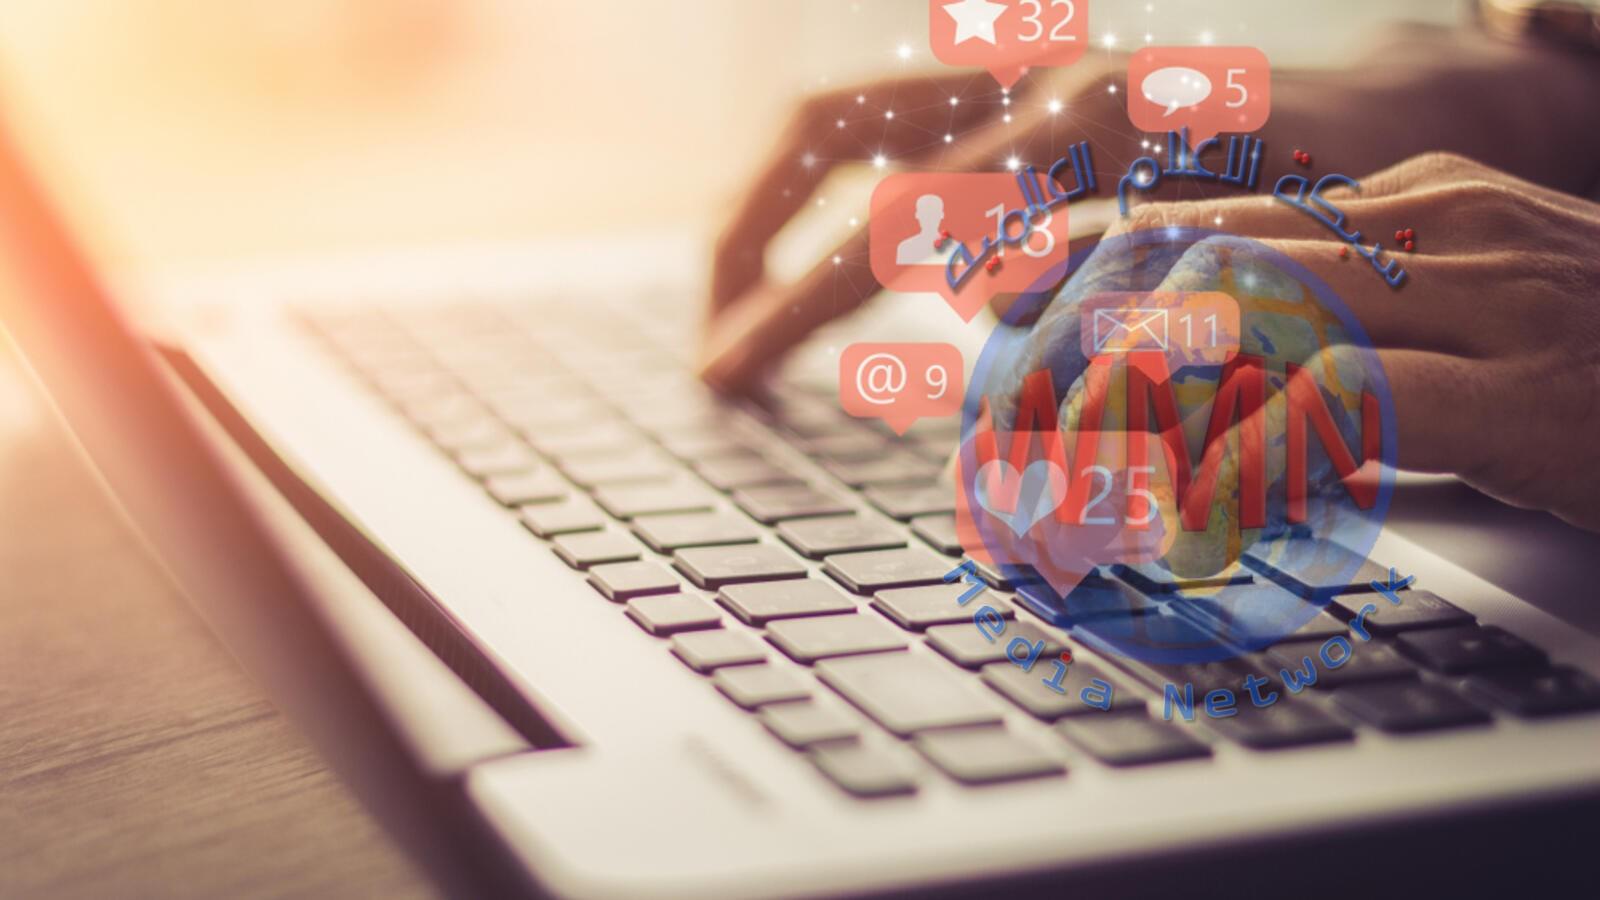 كيف تكتشف تعقب مواقع التواصل ومحركات البحث لبياناتك؟